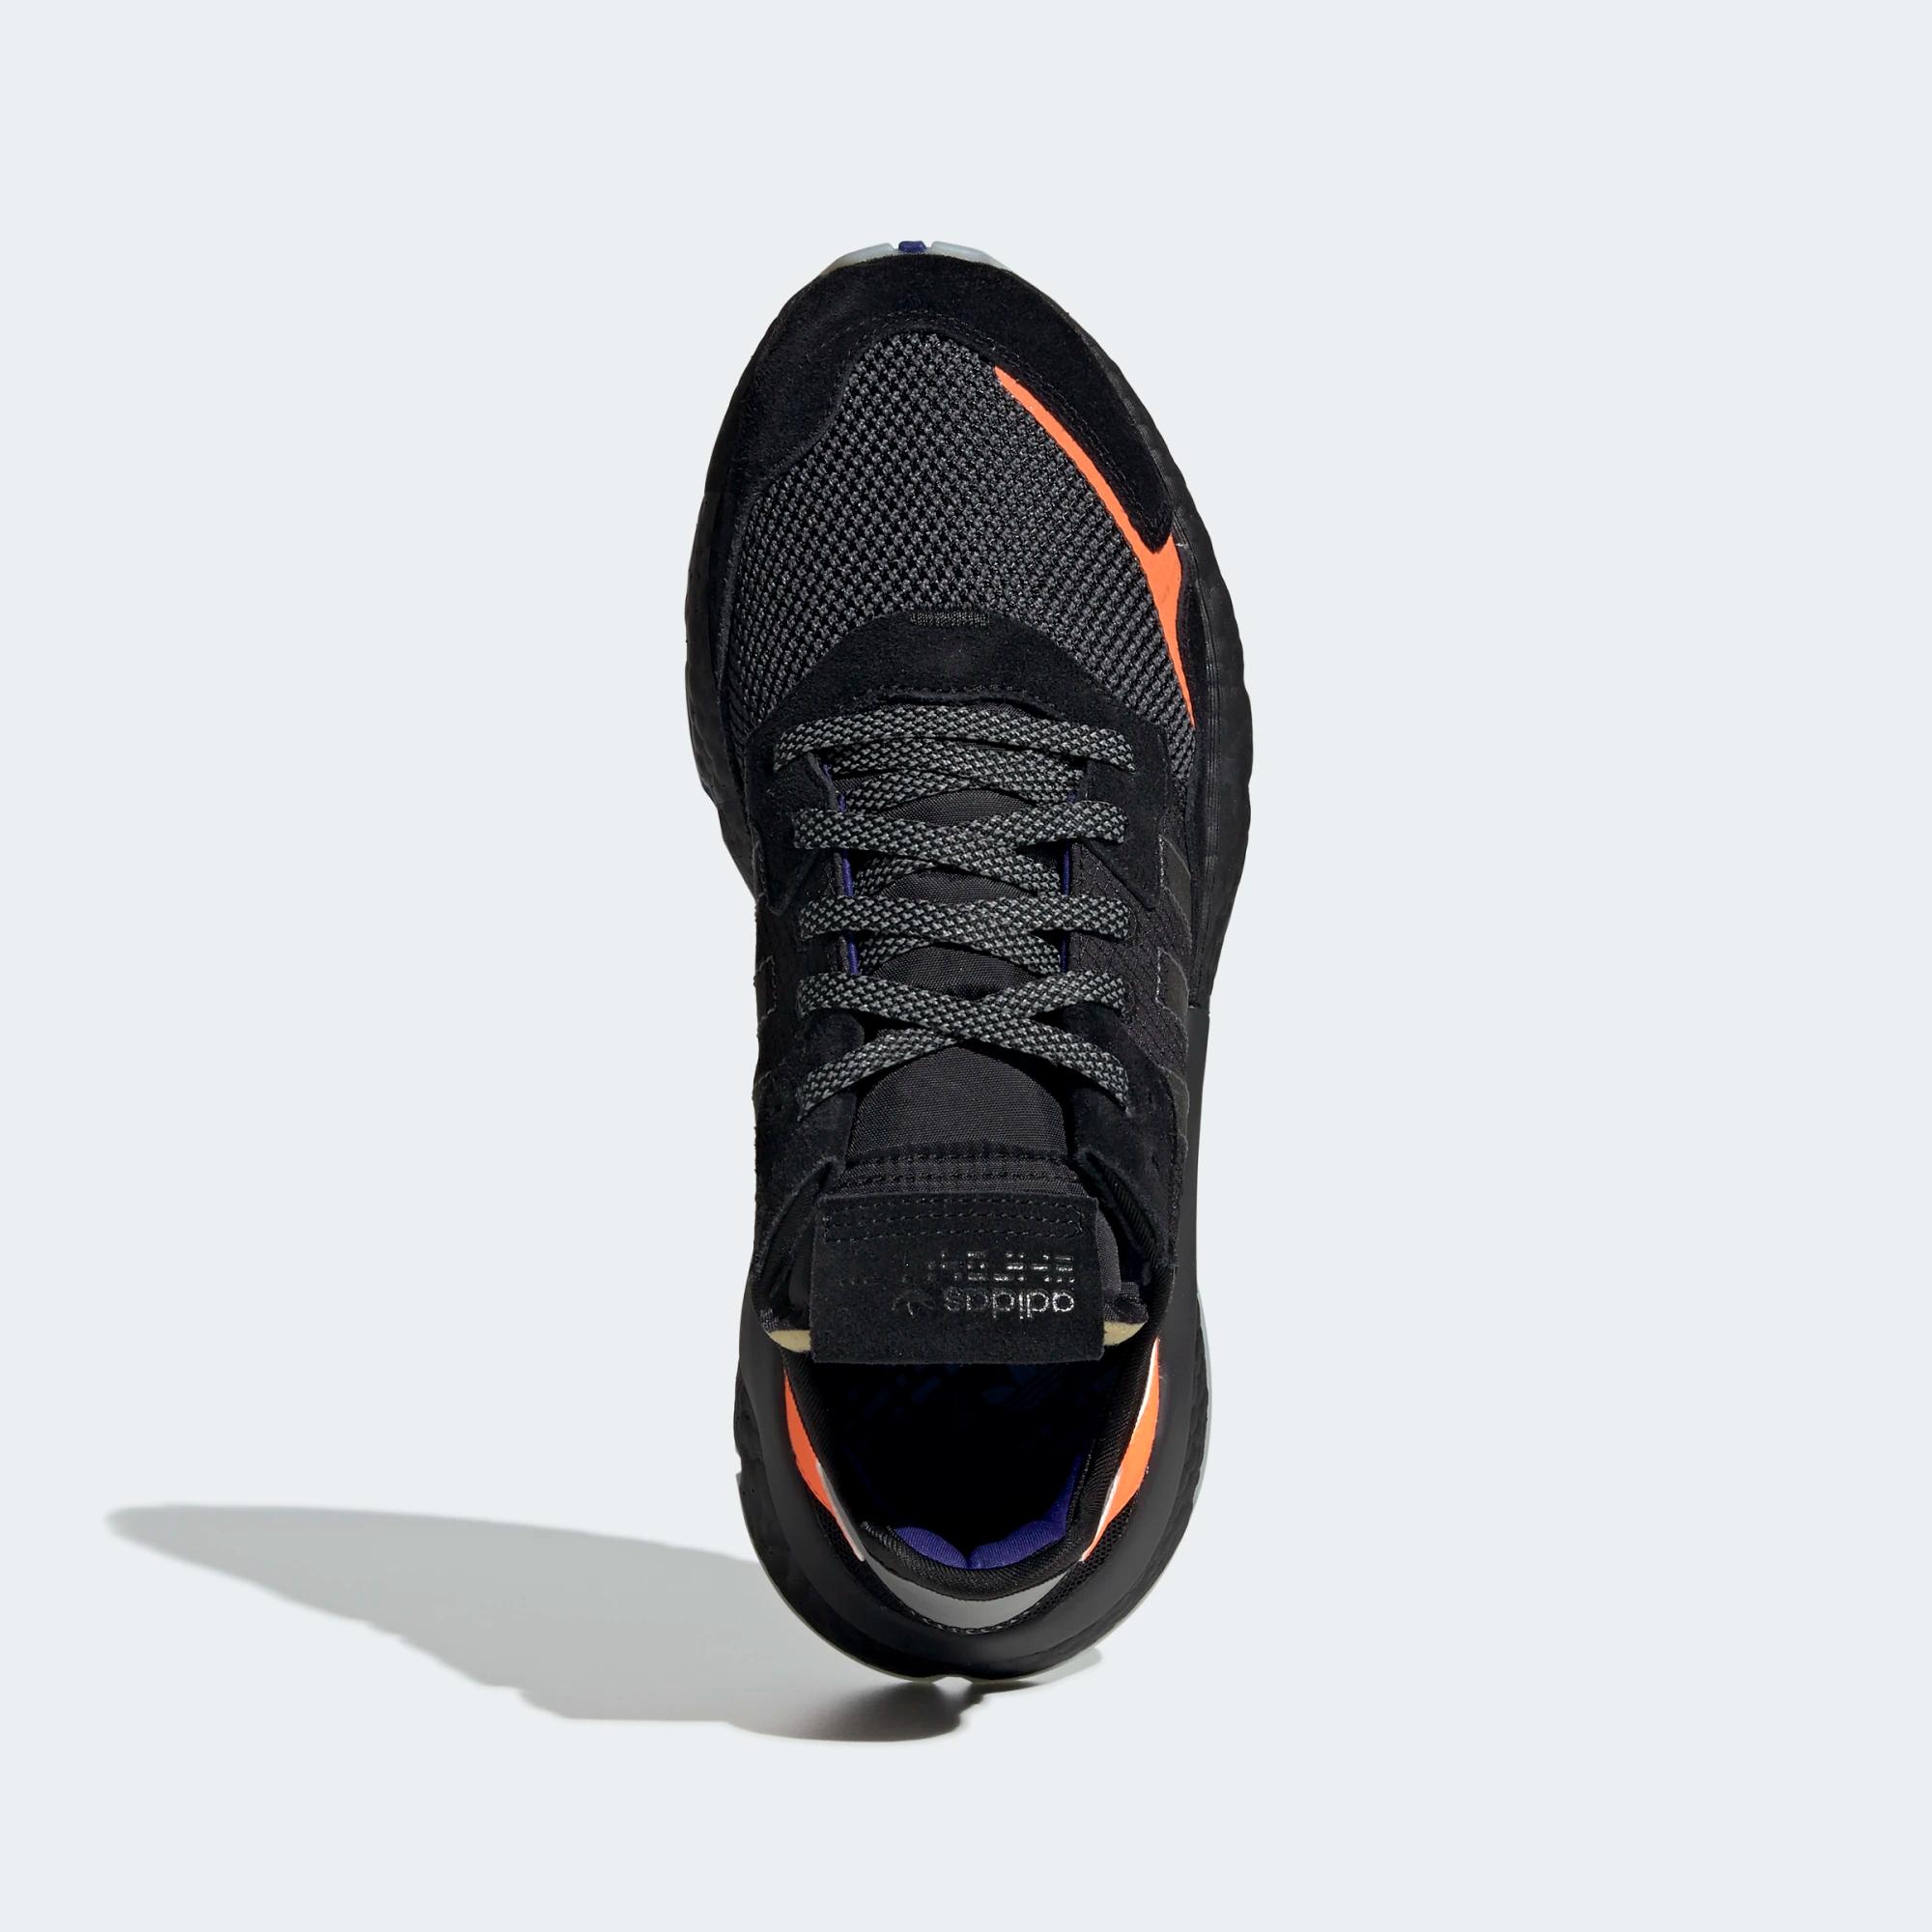 CG7088 adidas Nite Jogger Boost 2